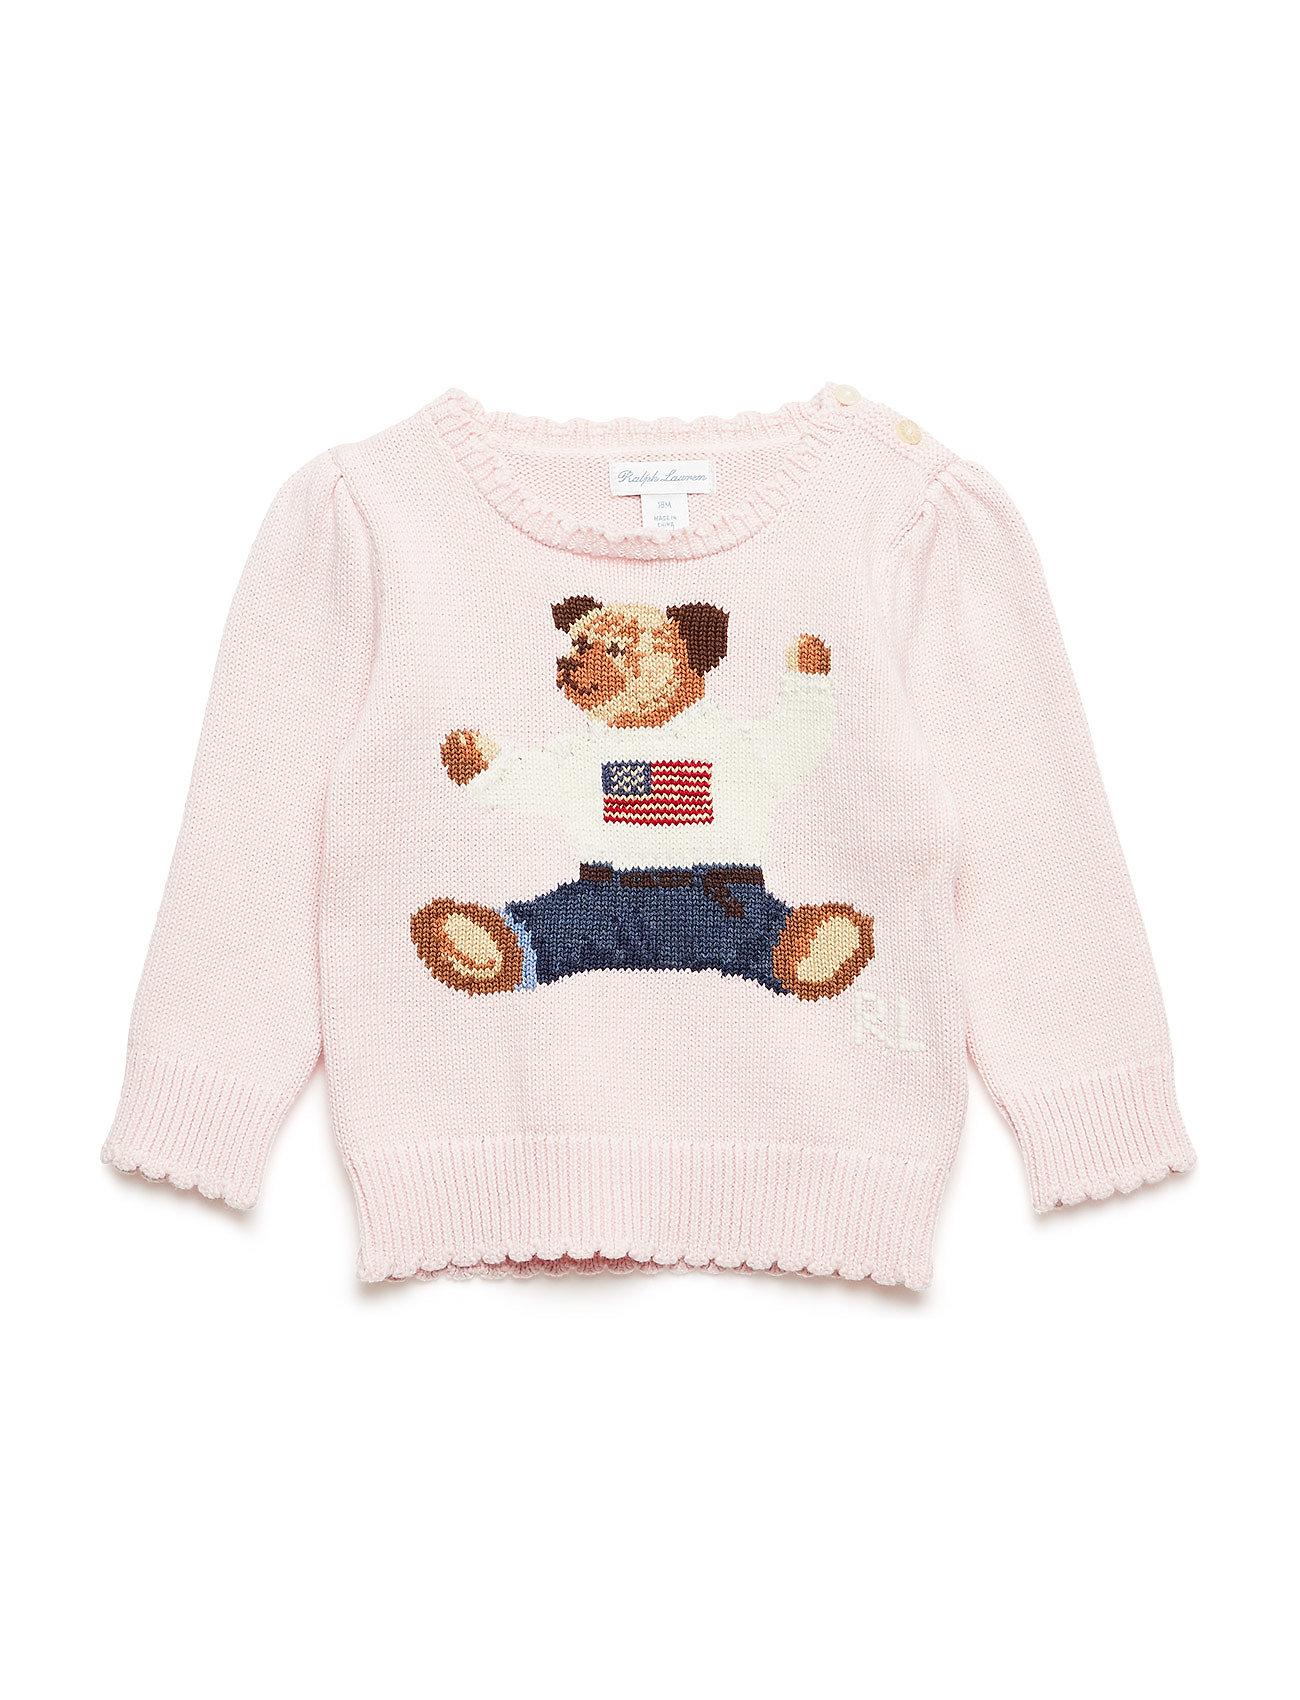 66931f3fba9d Polo Bear Cotton Sweater (Powder Pink) (62.50 €) - Ralph Lauren Baby ...